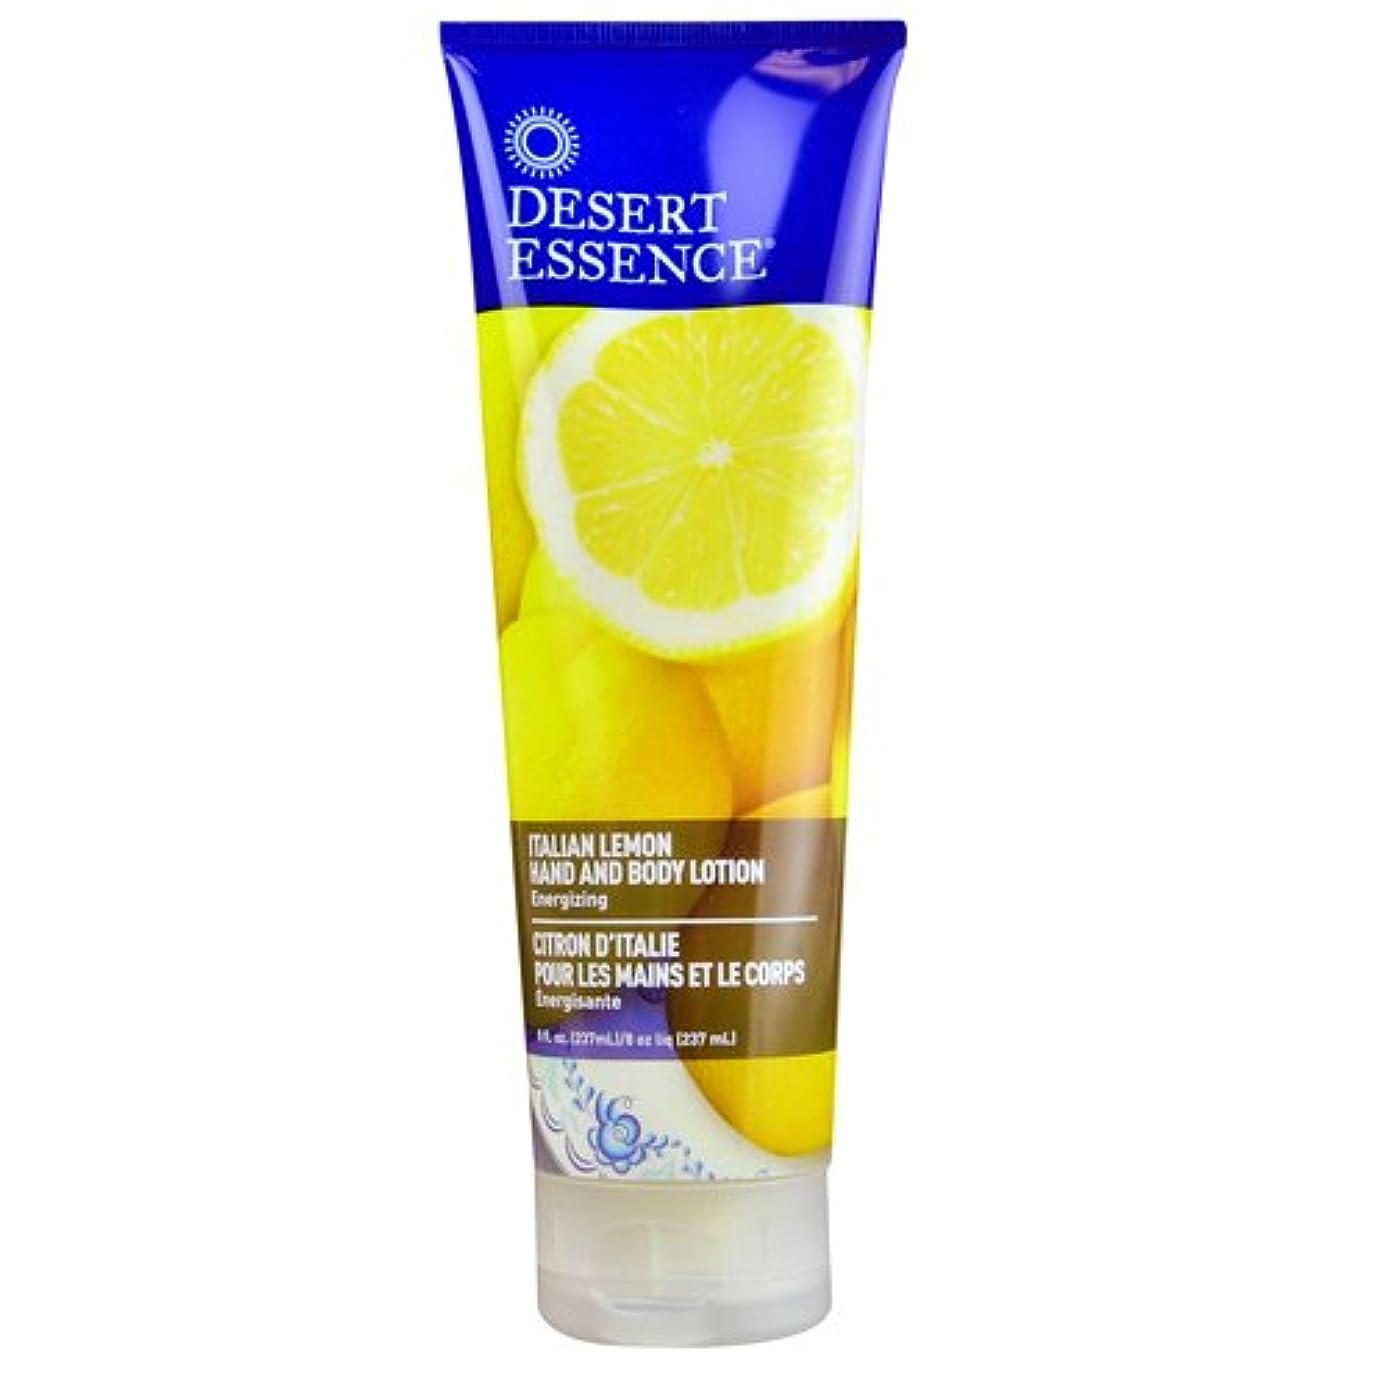 カジュアル彼女は共和党Desert Essence, Hand and Body Lotion, Italian Lemon, 8 fl oz (237 ml)